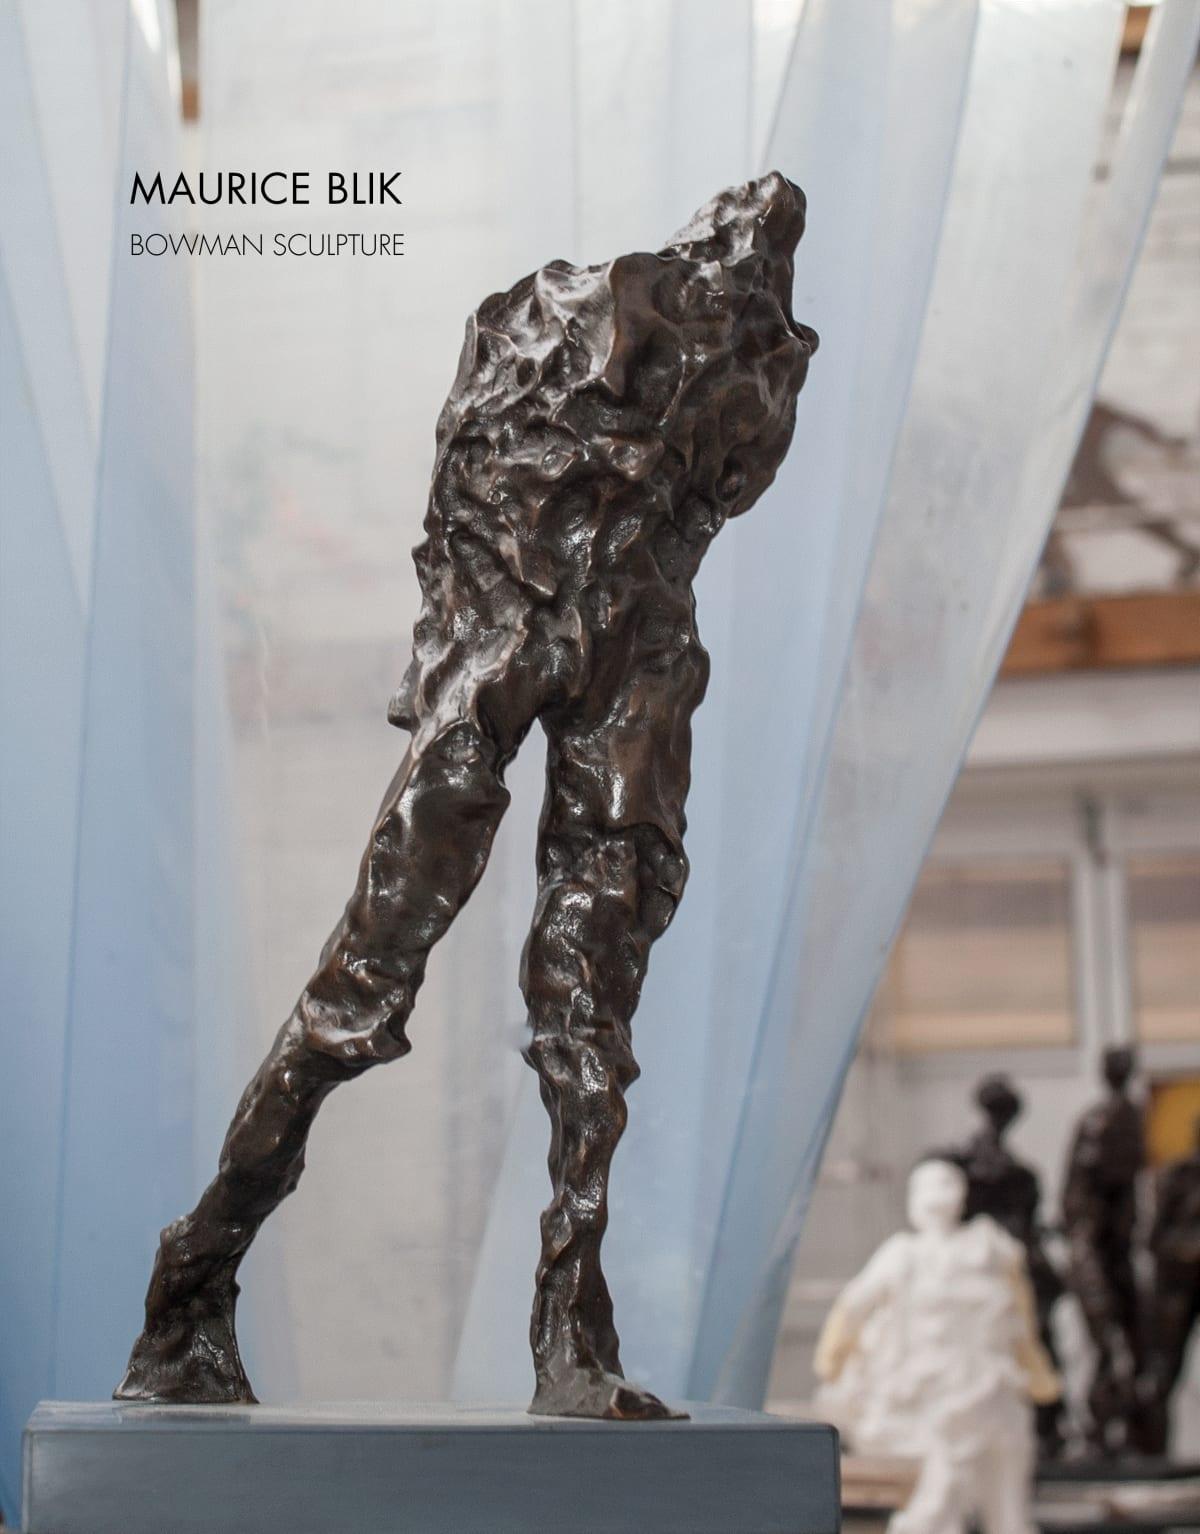 Maurice Blik